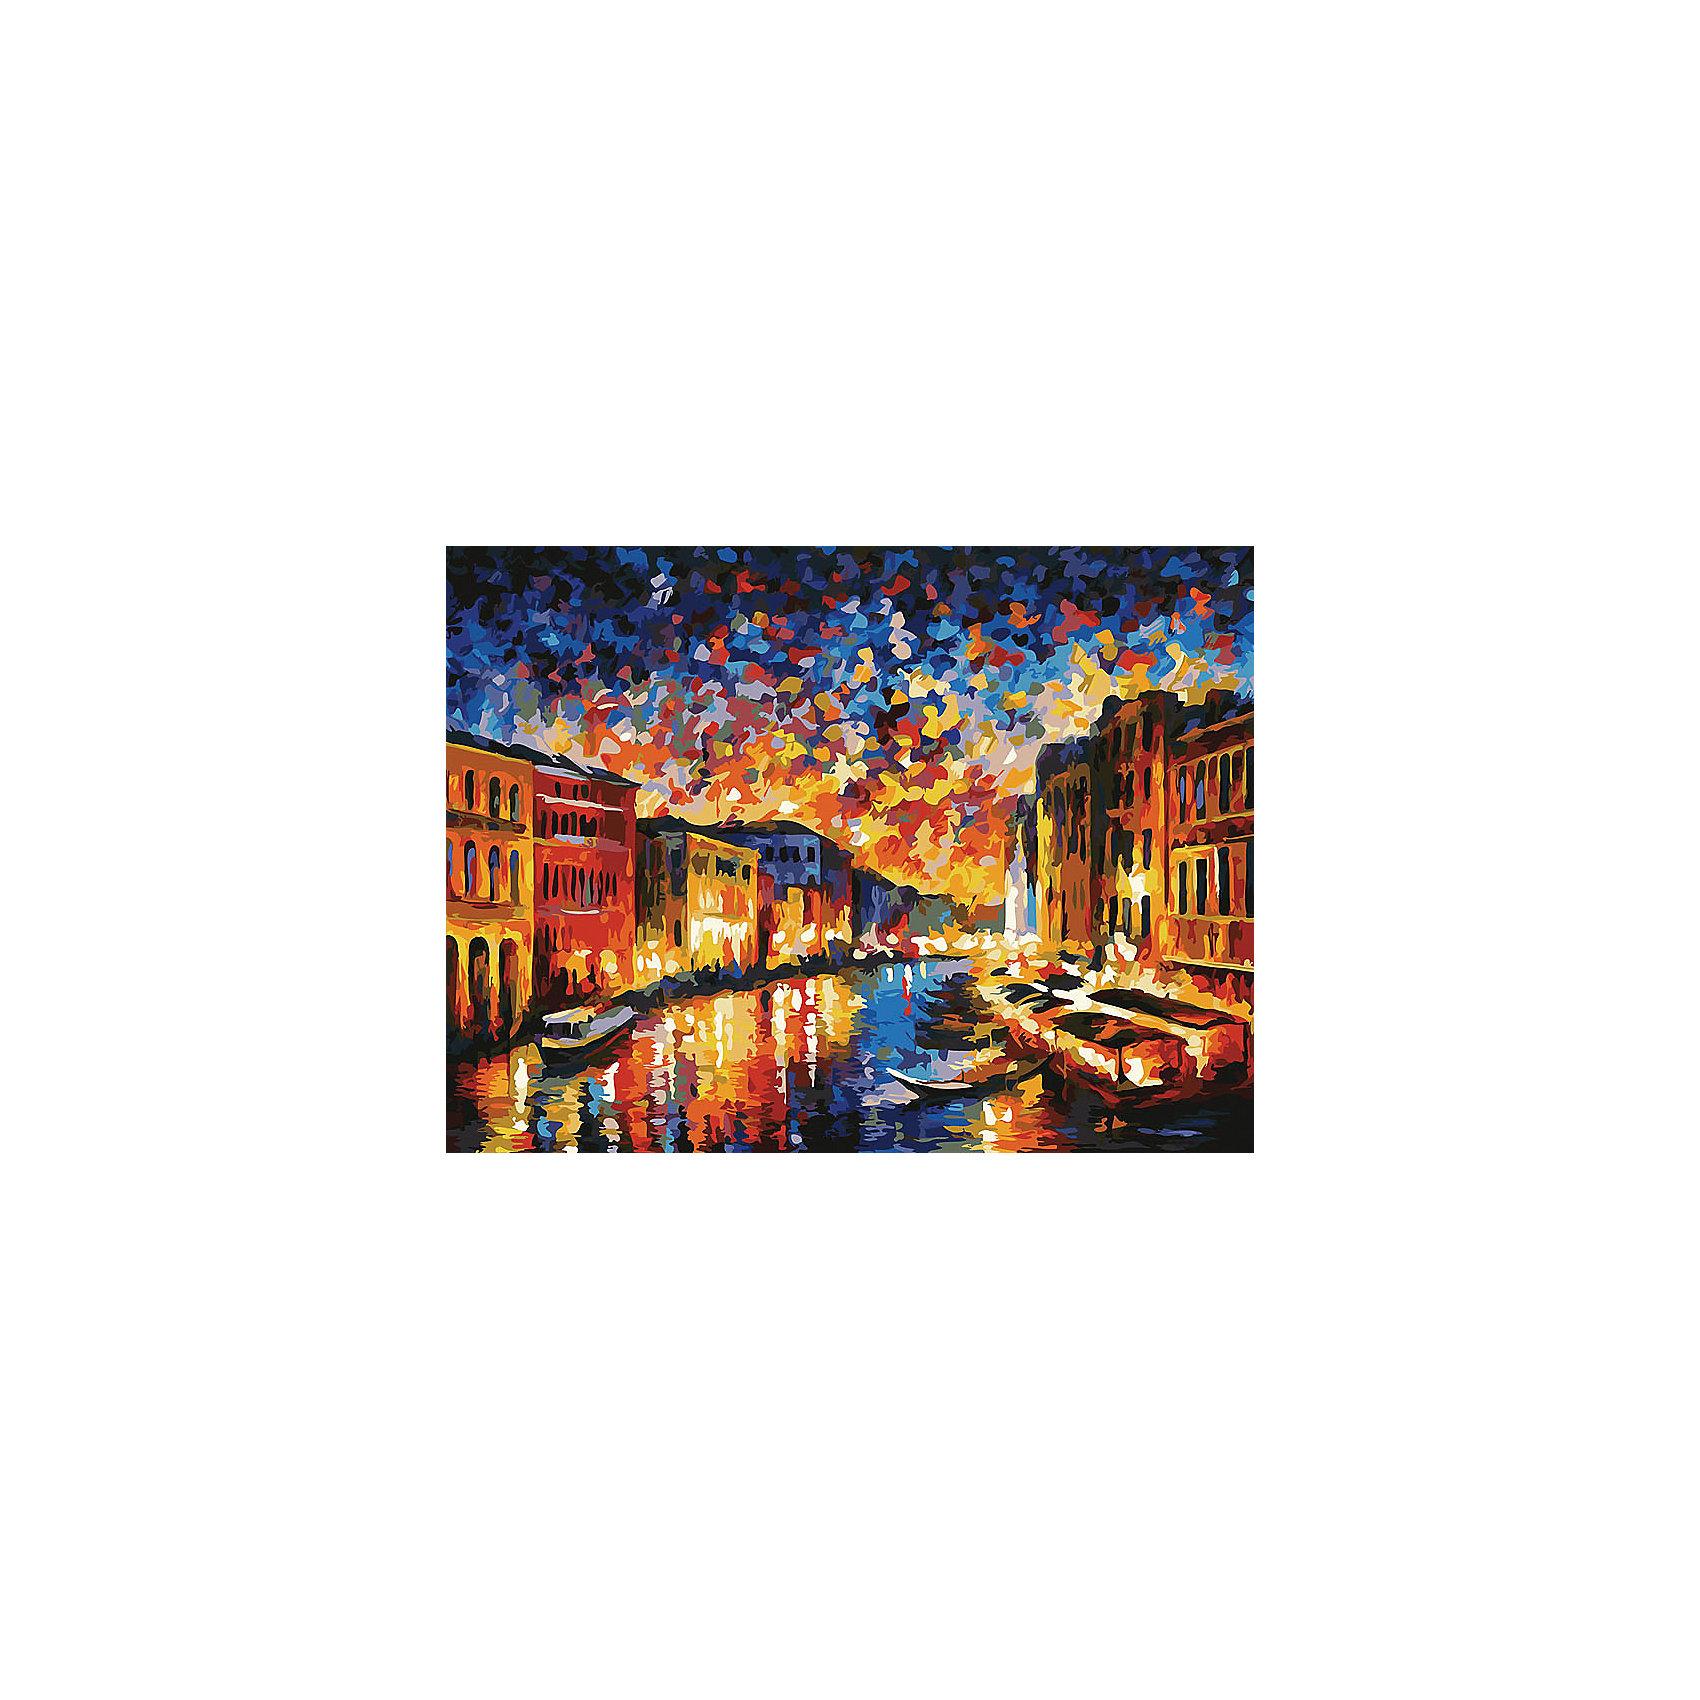 Белоснежка Живопись на холсте Гранд-Канал Венеция 30*40 см живопись на цветном холсте стоянка гондол венеция 40 х 50 см